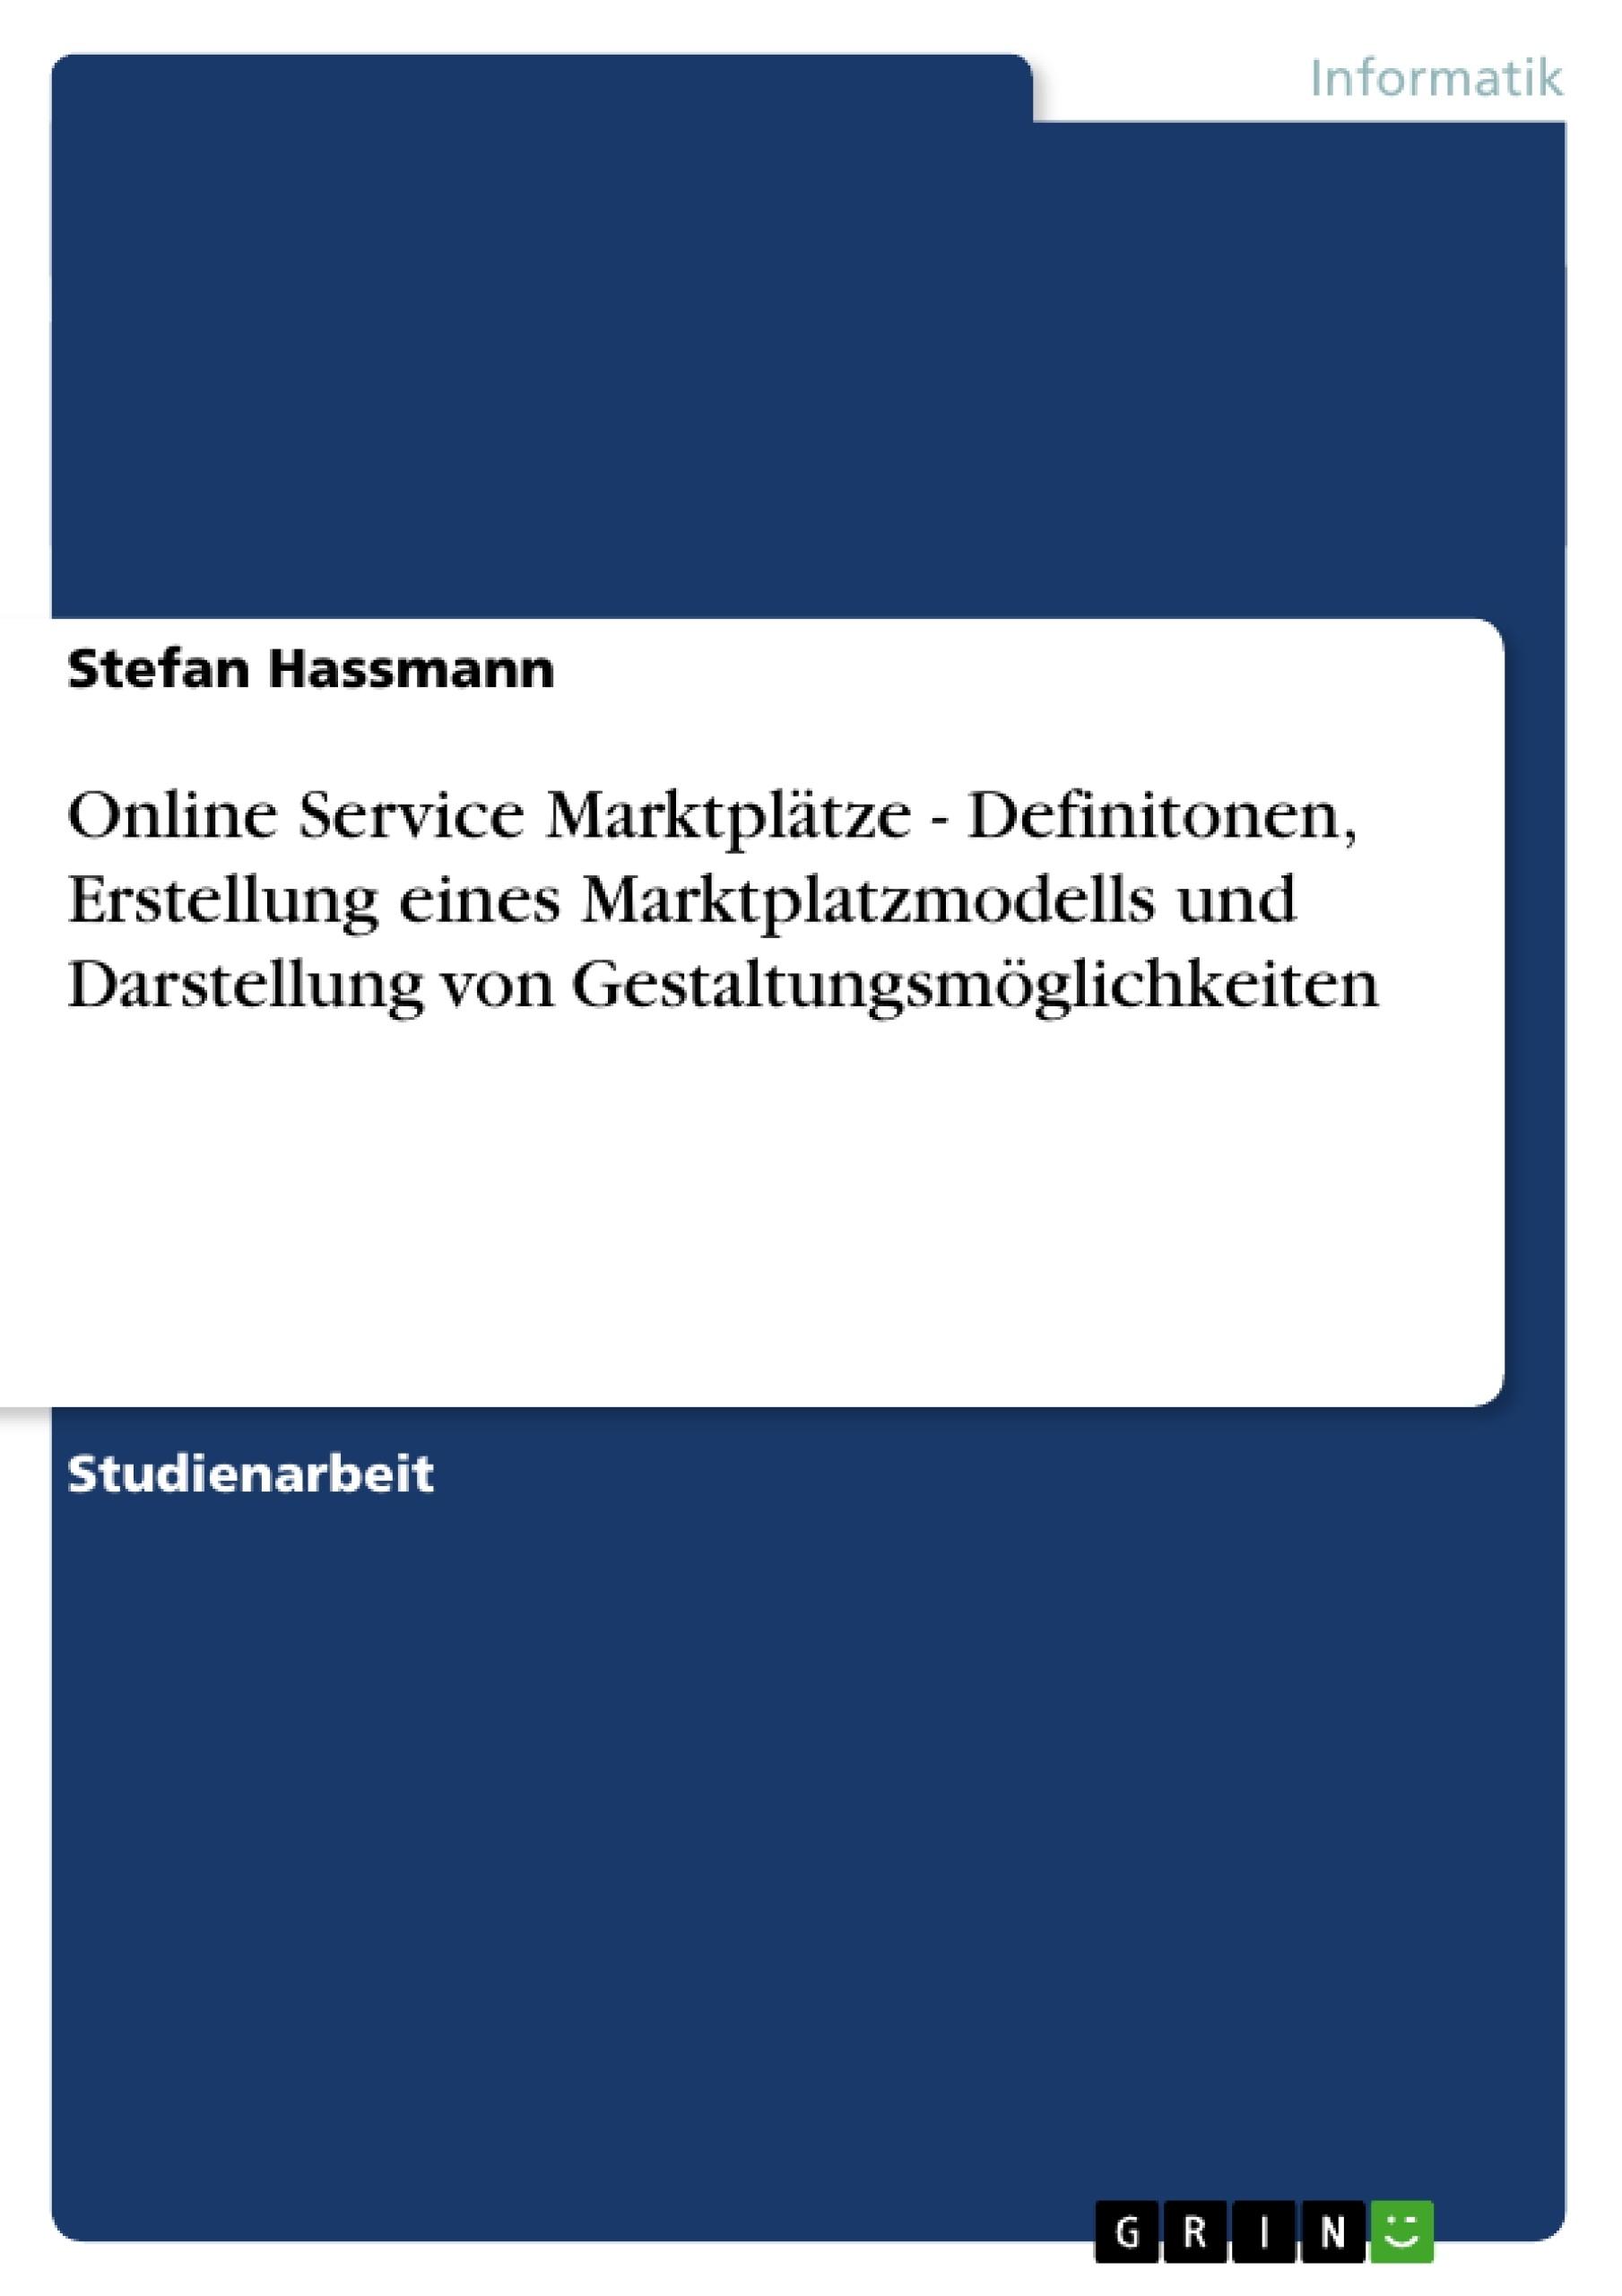 Titel: Online Service Marktplätze - Definitonen, Erstellung eines Marktplatzmodells und Darstellung von Gestaltungsmöglichkeiten